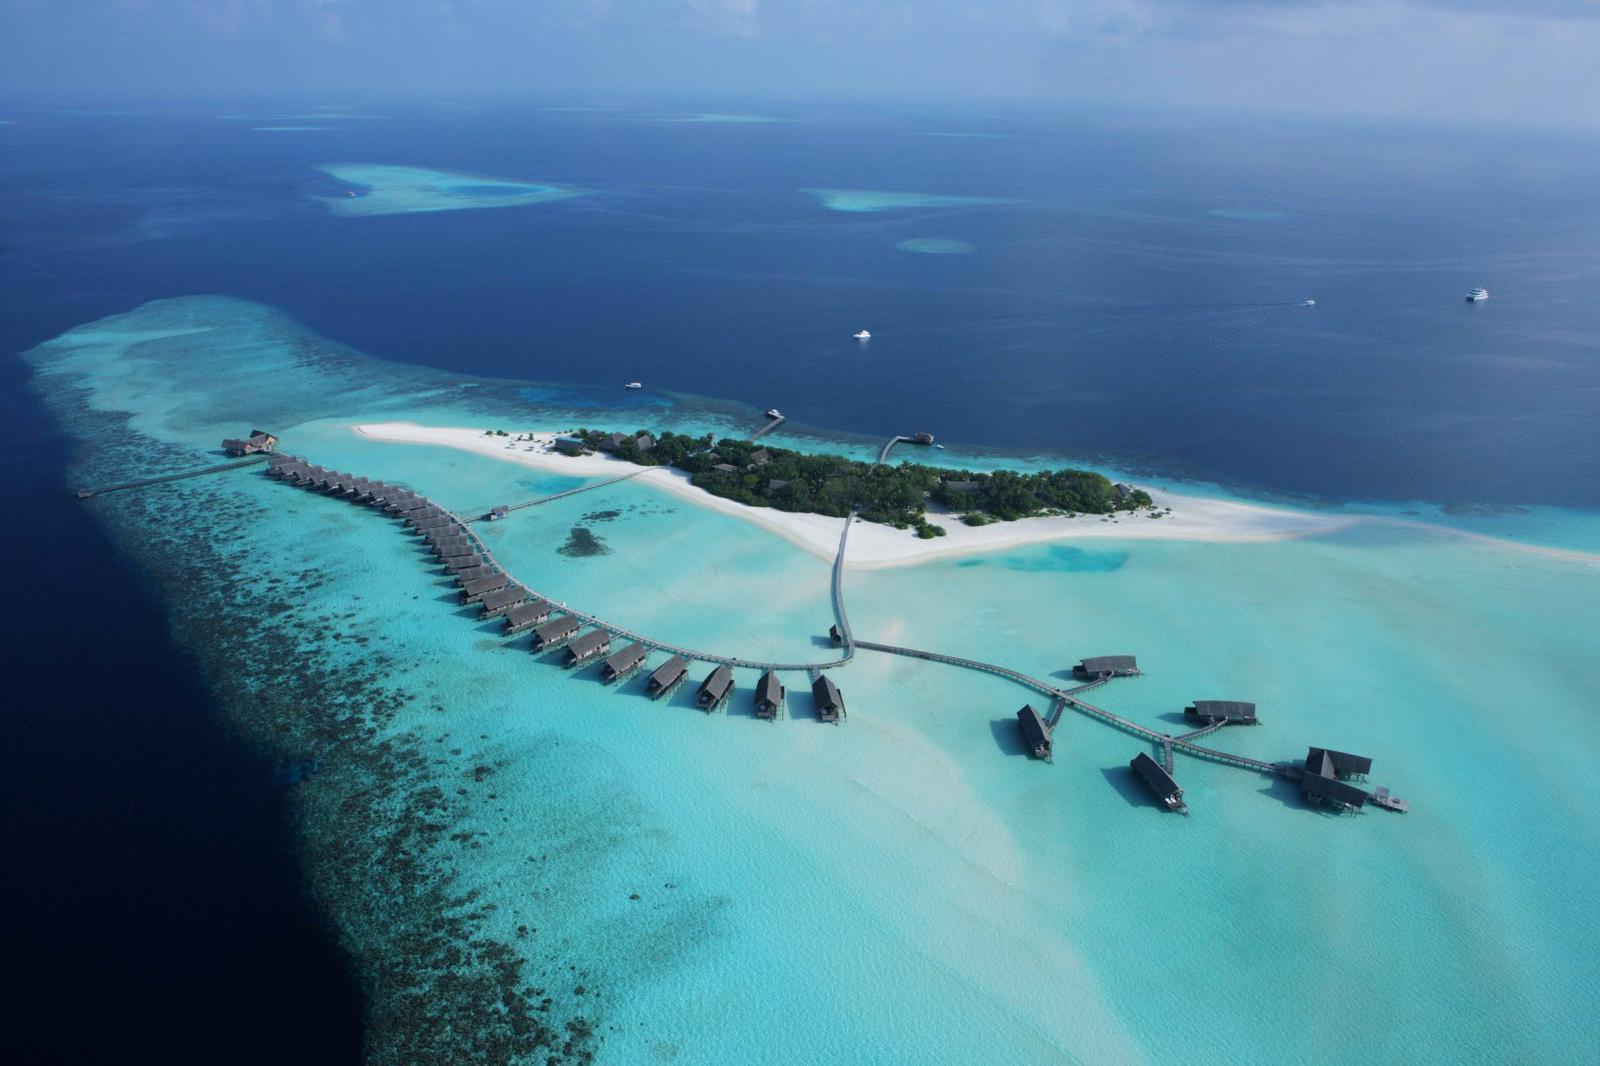 Así de impresionante es el resort de playa en Cocoa Island, Islas Maldivas.